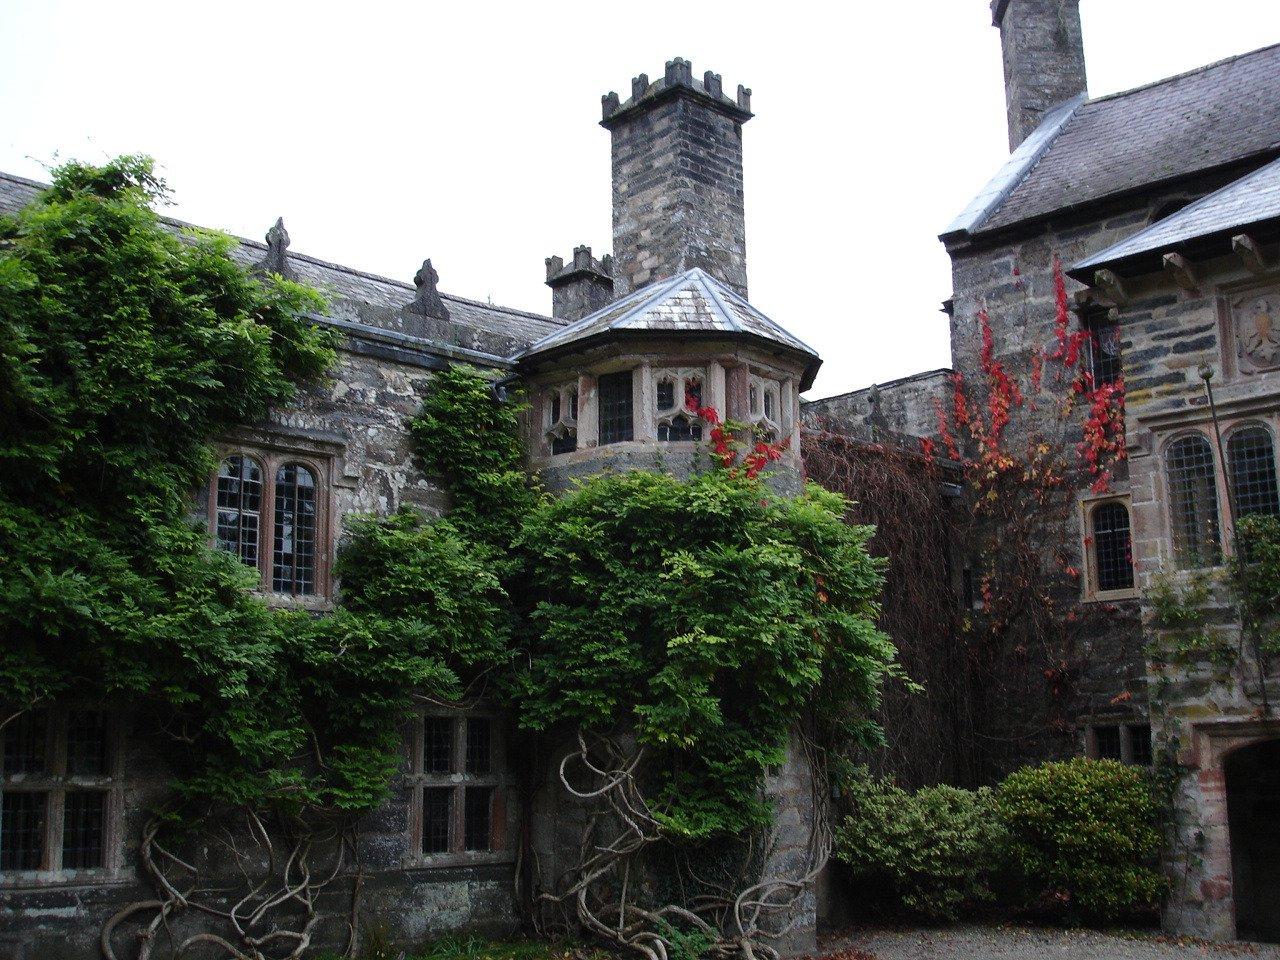 Gwydir Castle B&B